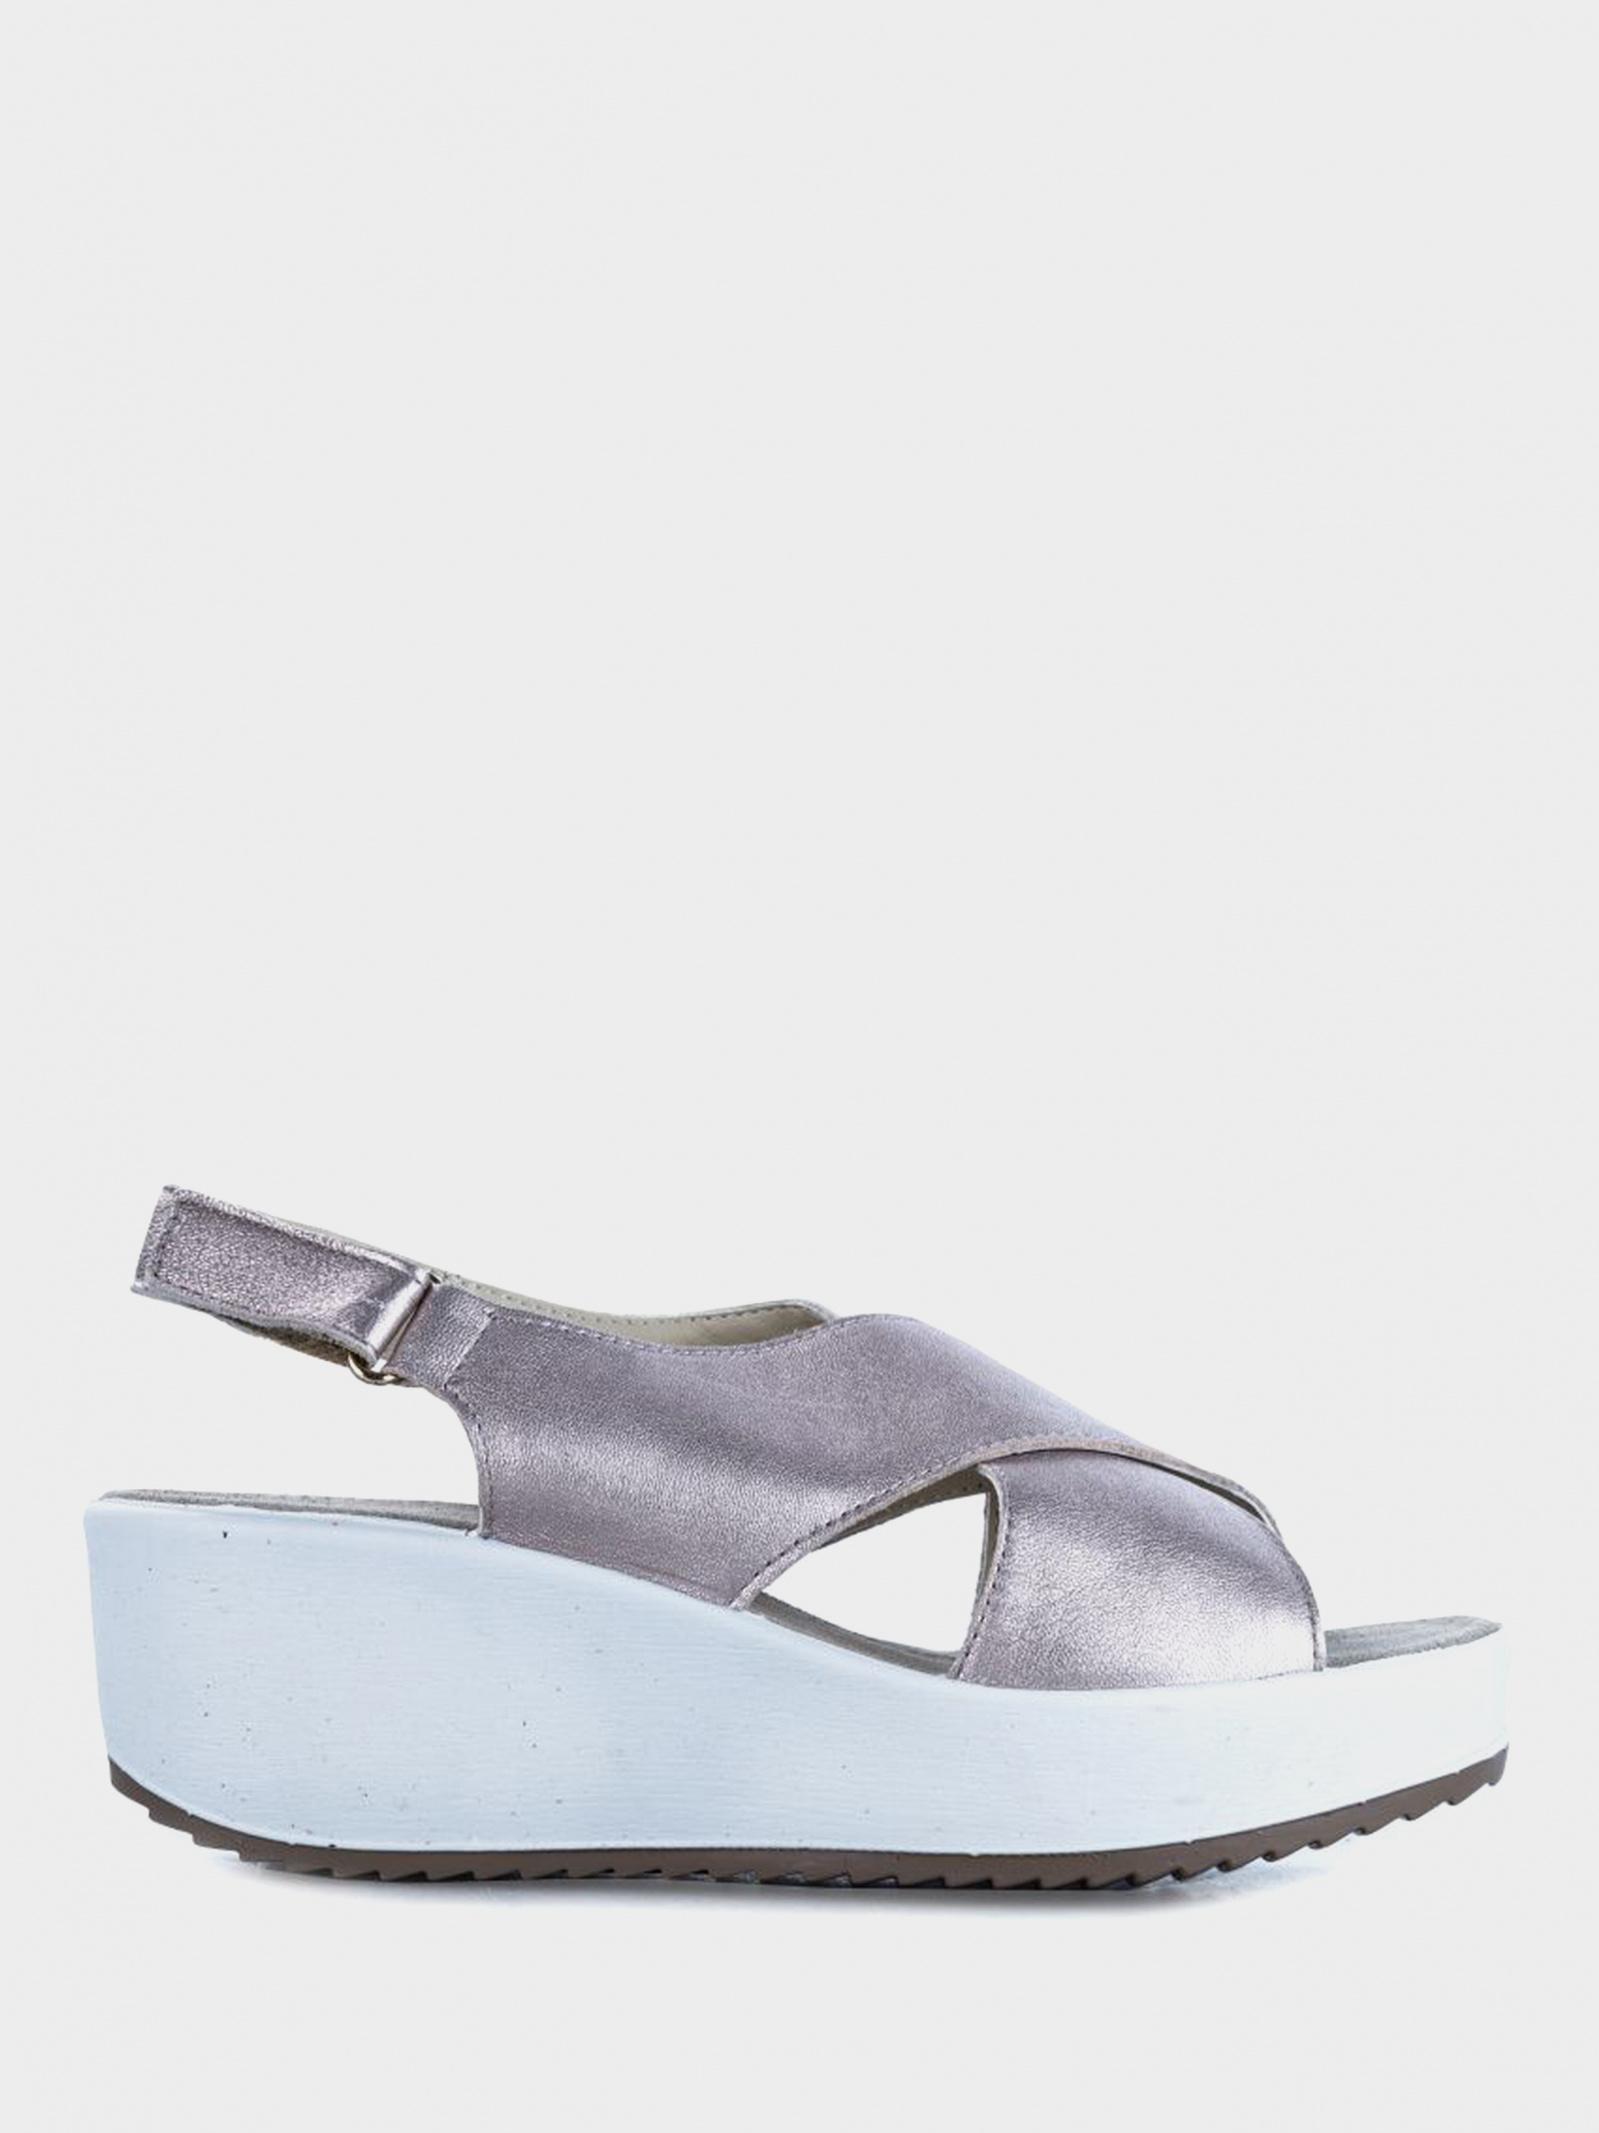 Босоніжки  для жінок IMAC 3082302 51334/013 купити взуття, 2017